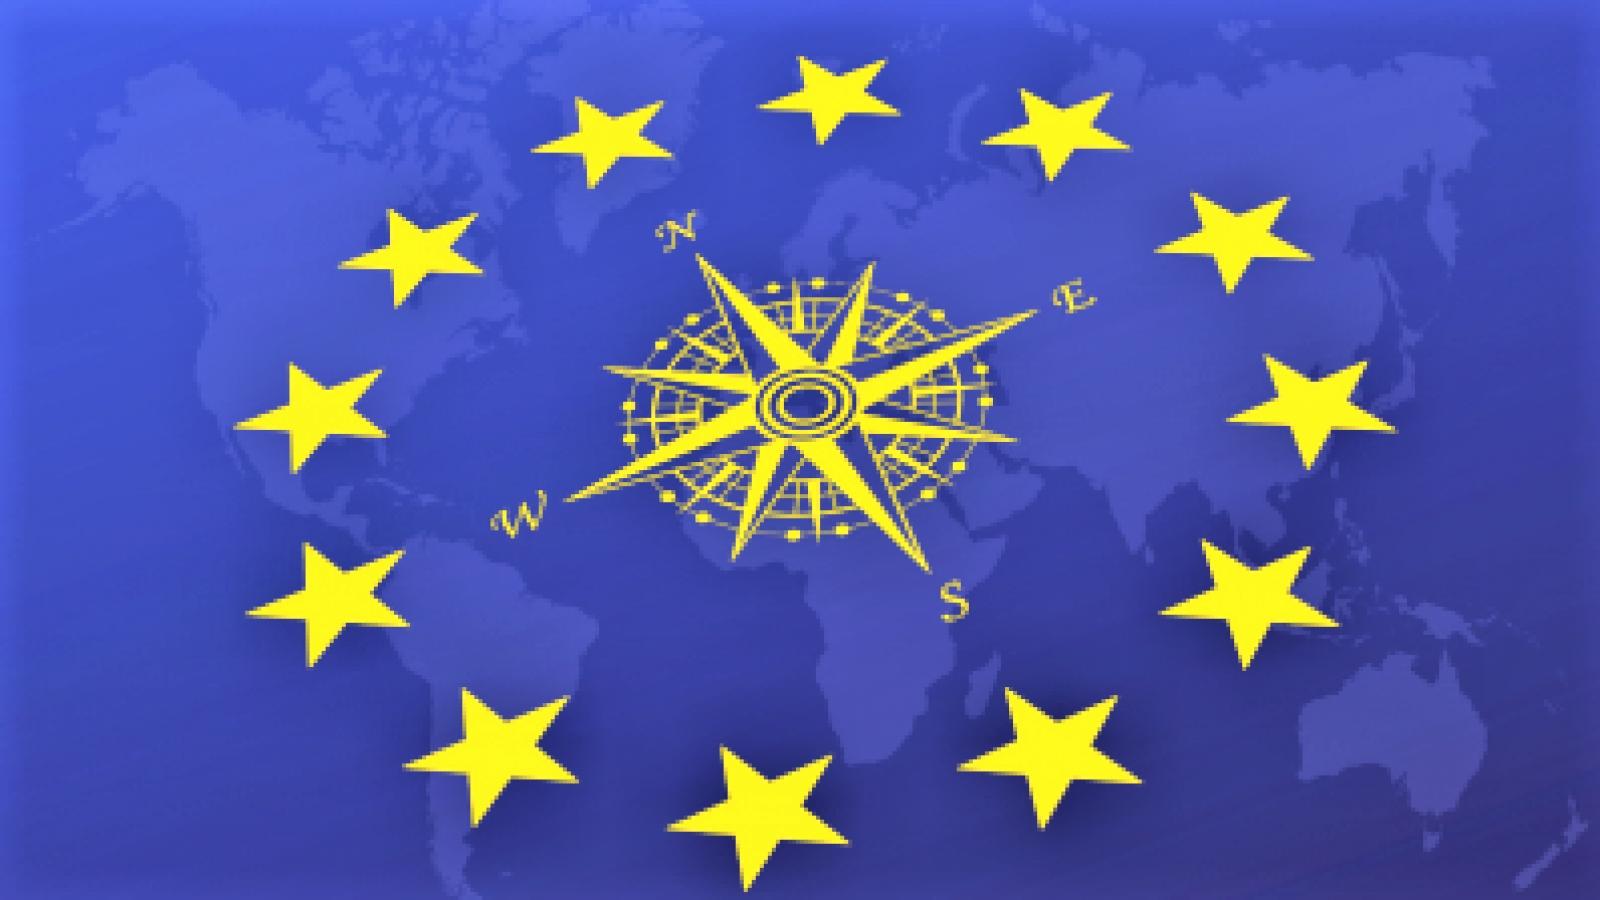 EU thành lập lực lượng quân sự chung: Sự tan rã của NATO đã cận kề?